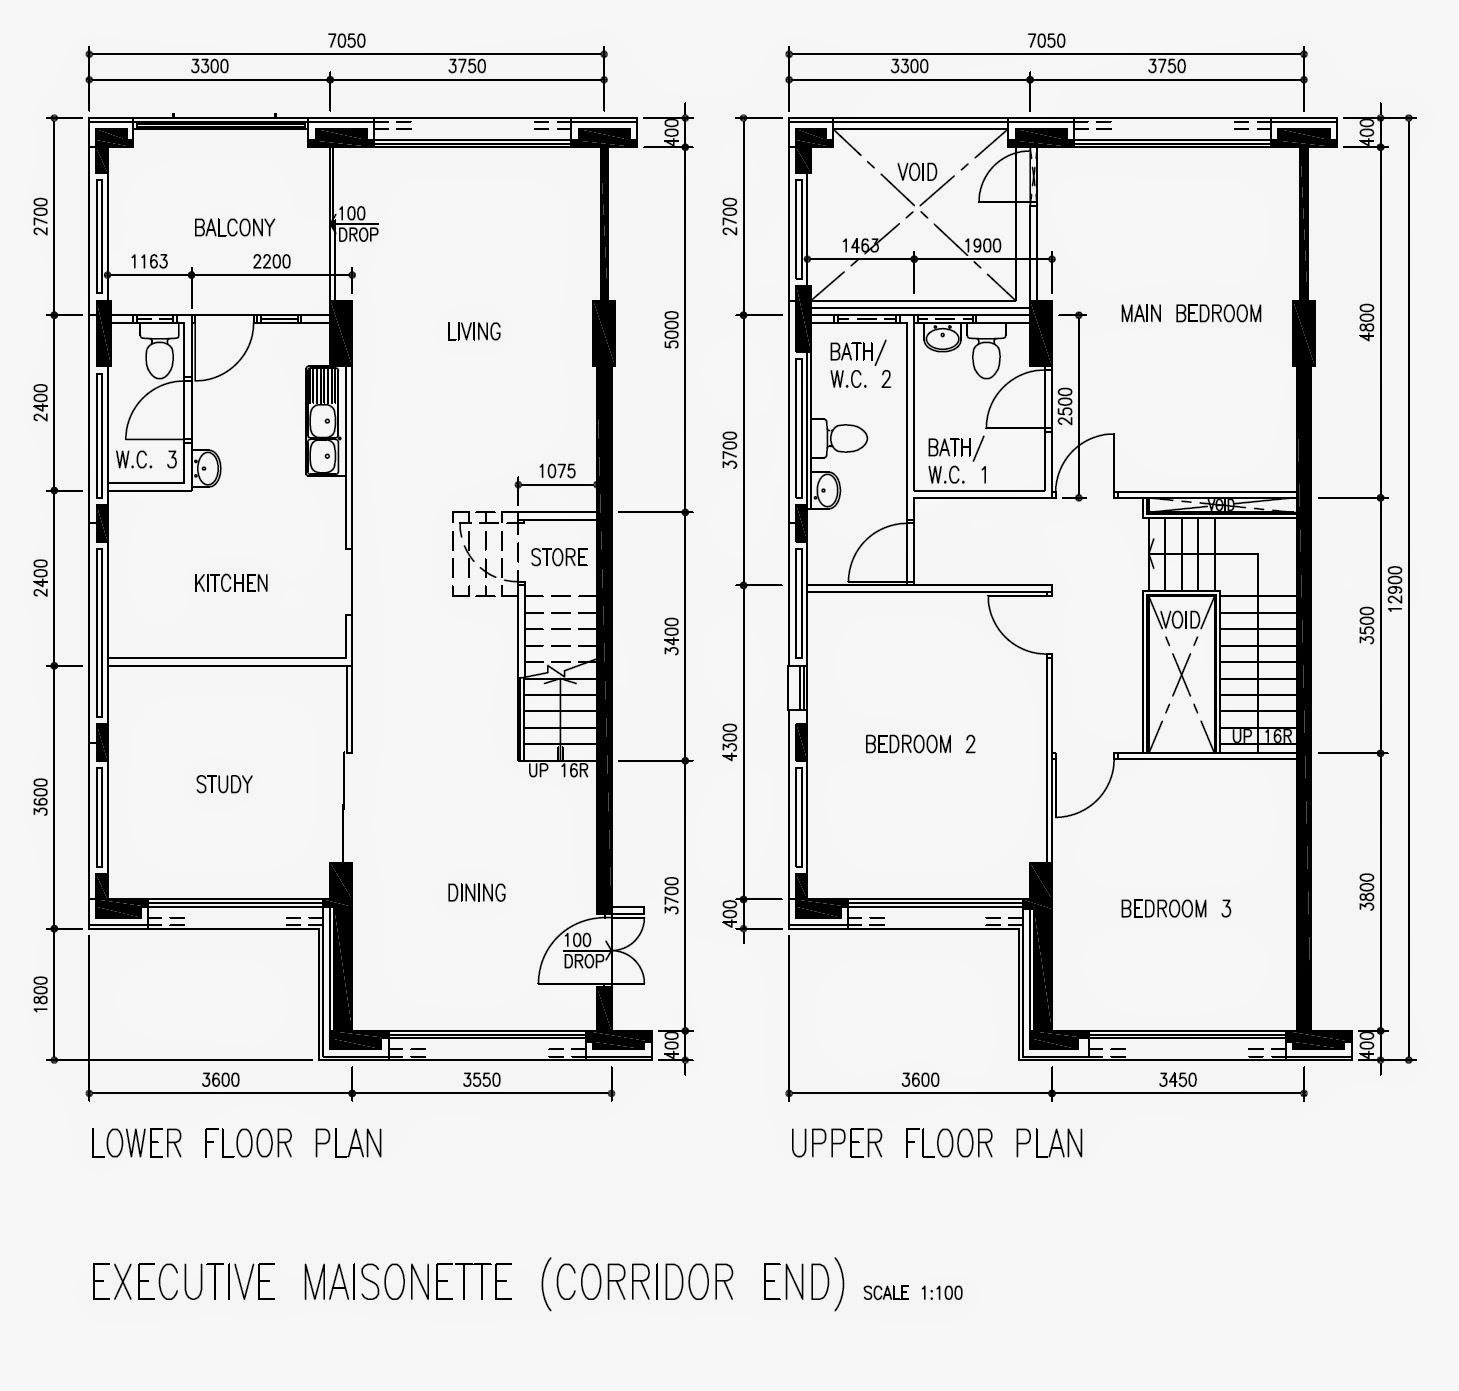 Butterpaperstudio reno cck maisonette basic hdb floorplan for Maisonette plans